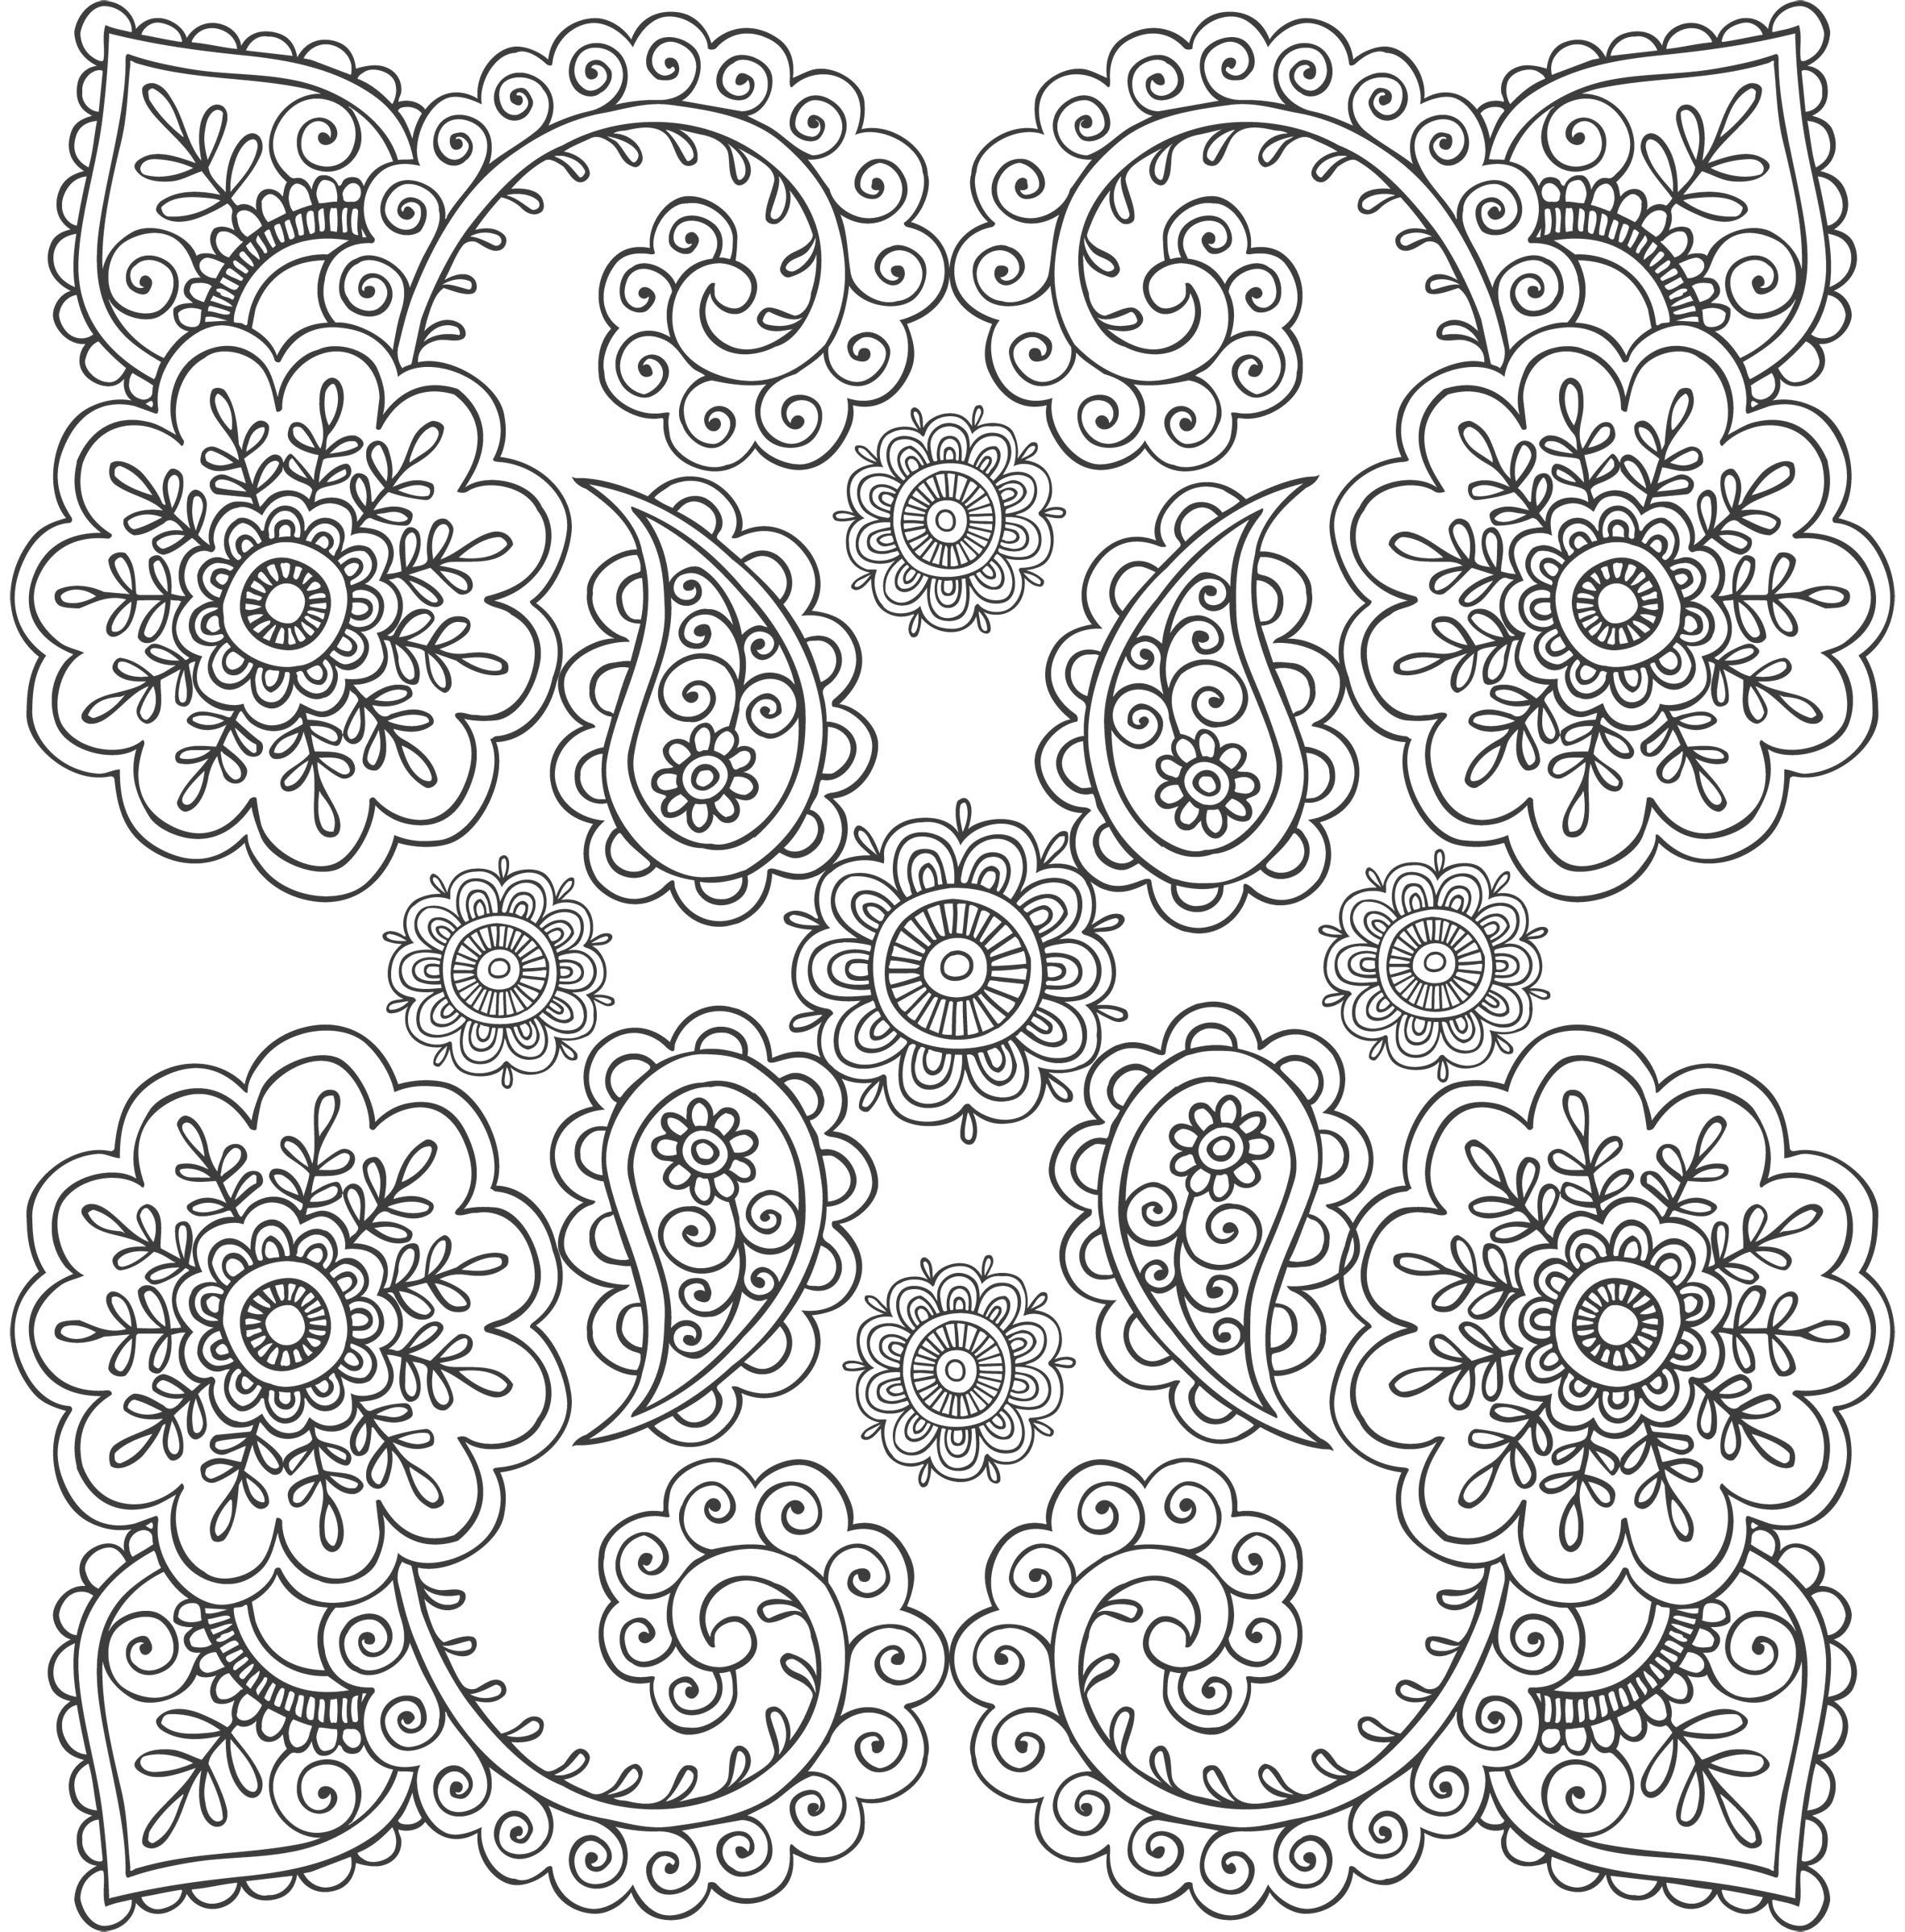 71 dessins de coloriage anti stress imprimer sur page 4. Black Bedroom Furniture Sets. Home Design Ideas